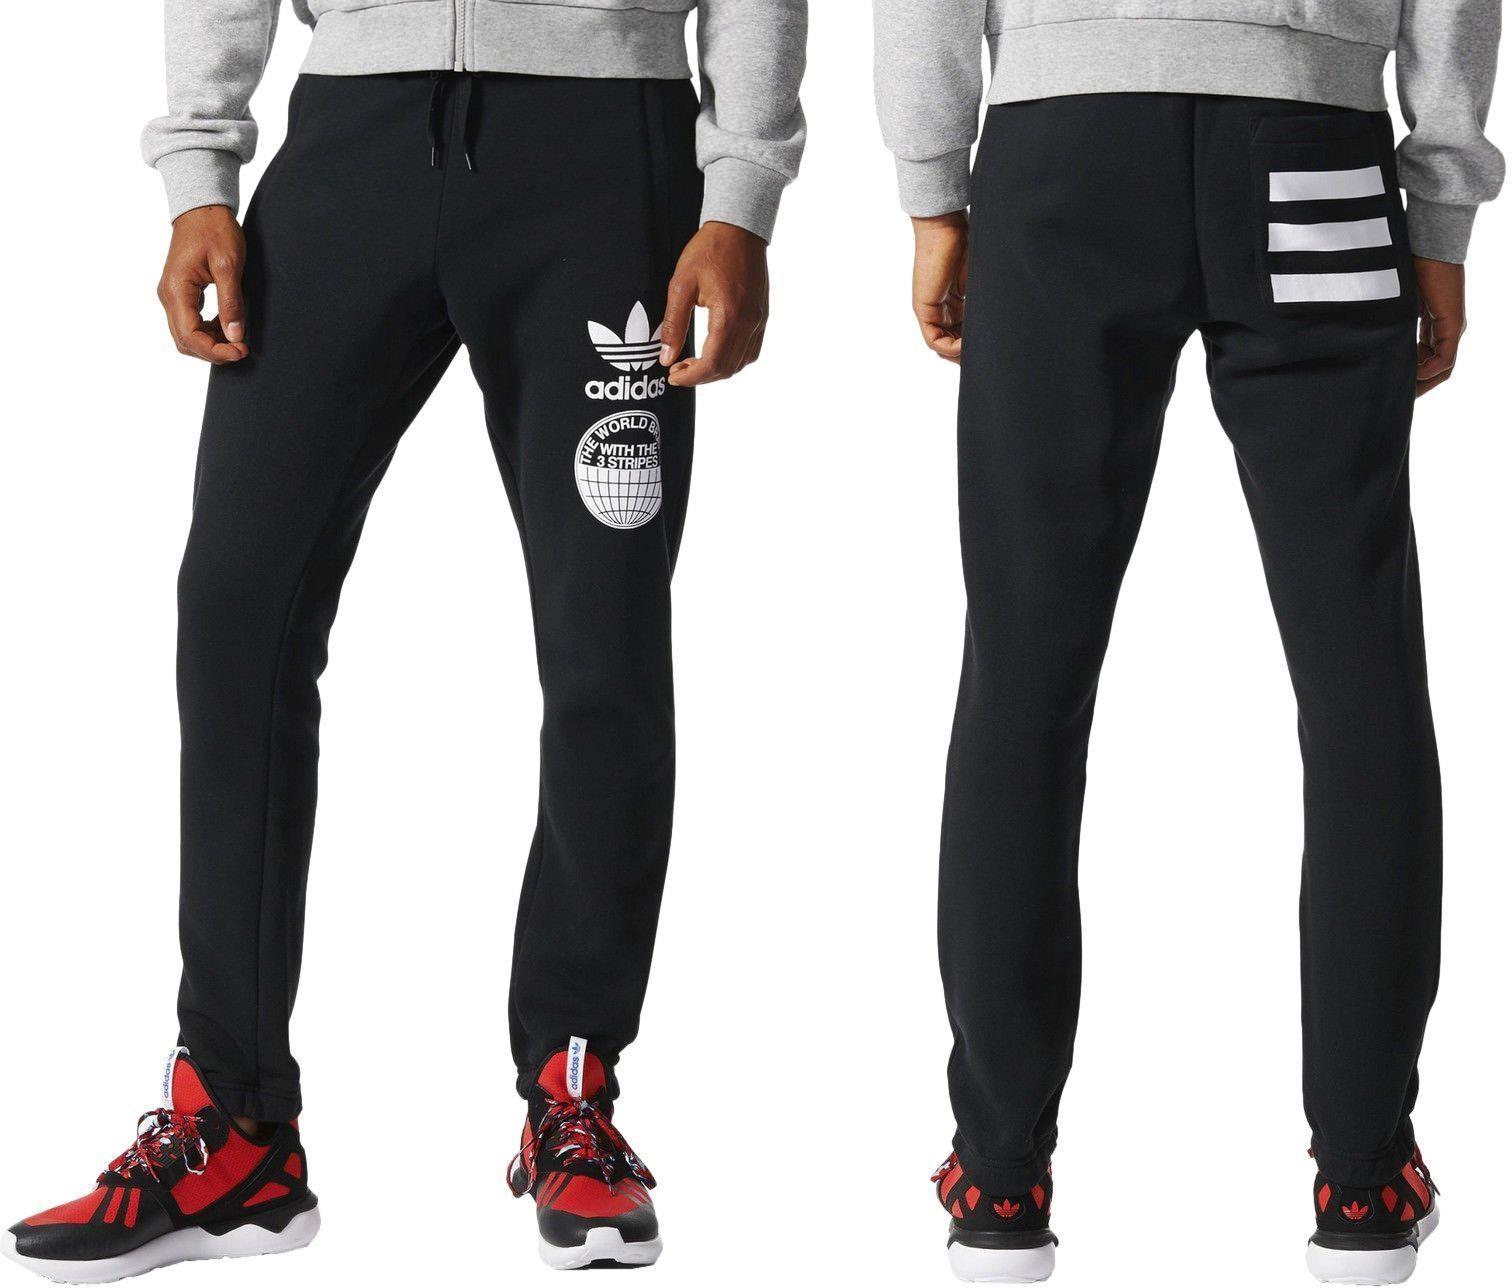 sklep internetowy dobrze out x wyprzedaż ze zniżką Adidas Originals Spodnie Dresowe Dresy Męskie XL - Ceny i opinie - Ceneo.pl